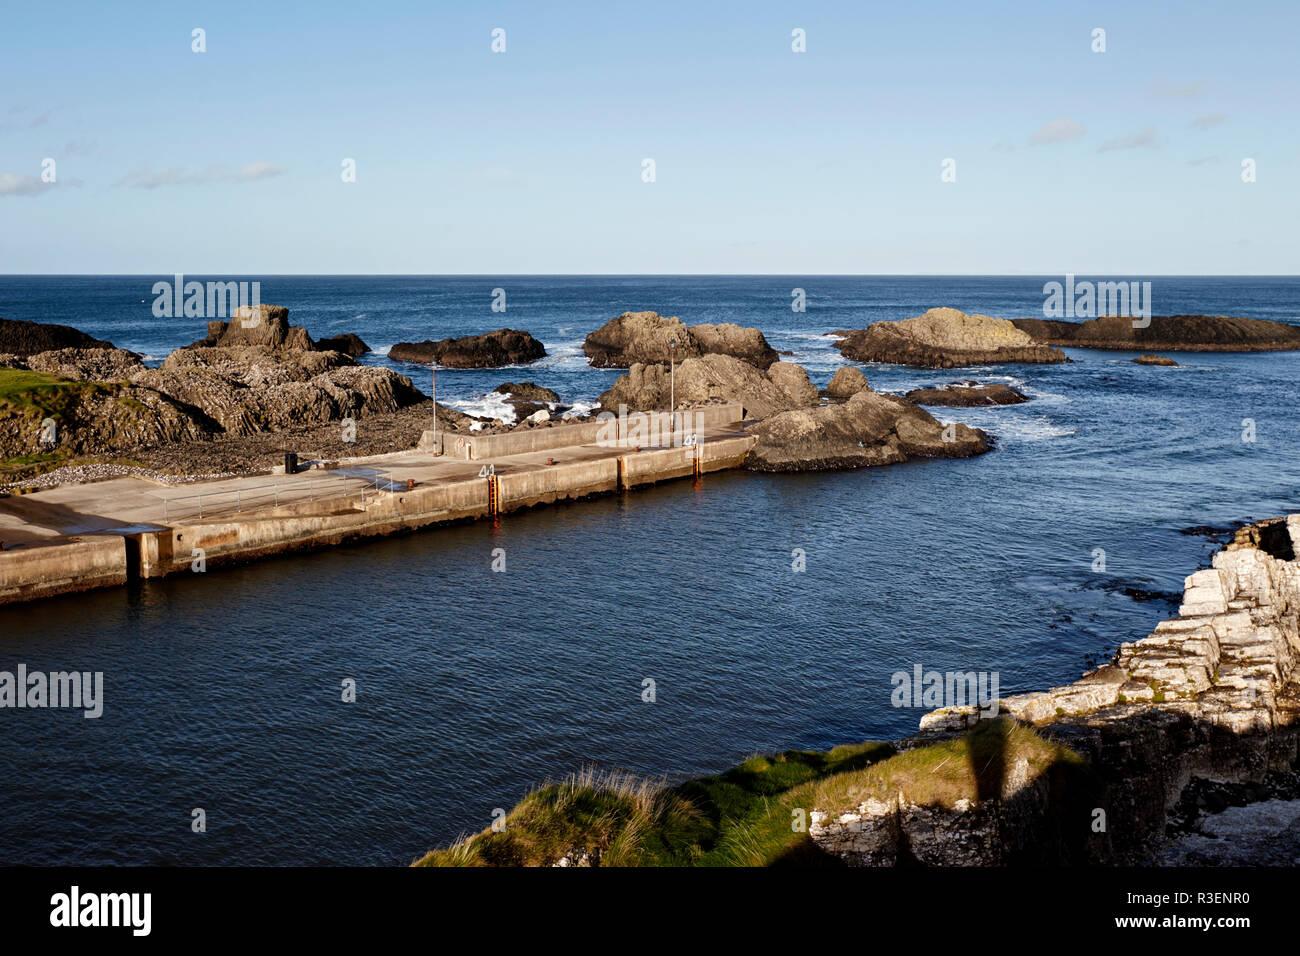 Mar entrada de Ballintoy Harbour condado de Antrim Irlanda del Norte utiliza en Juego de Tronos como lugar de filmación para las islas de hierro Foto de stock